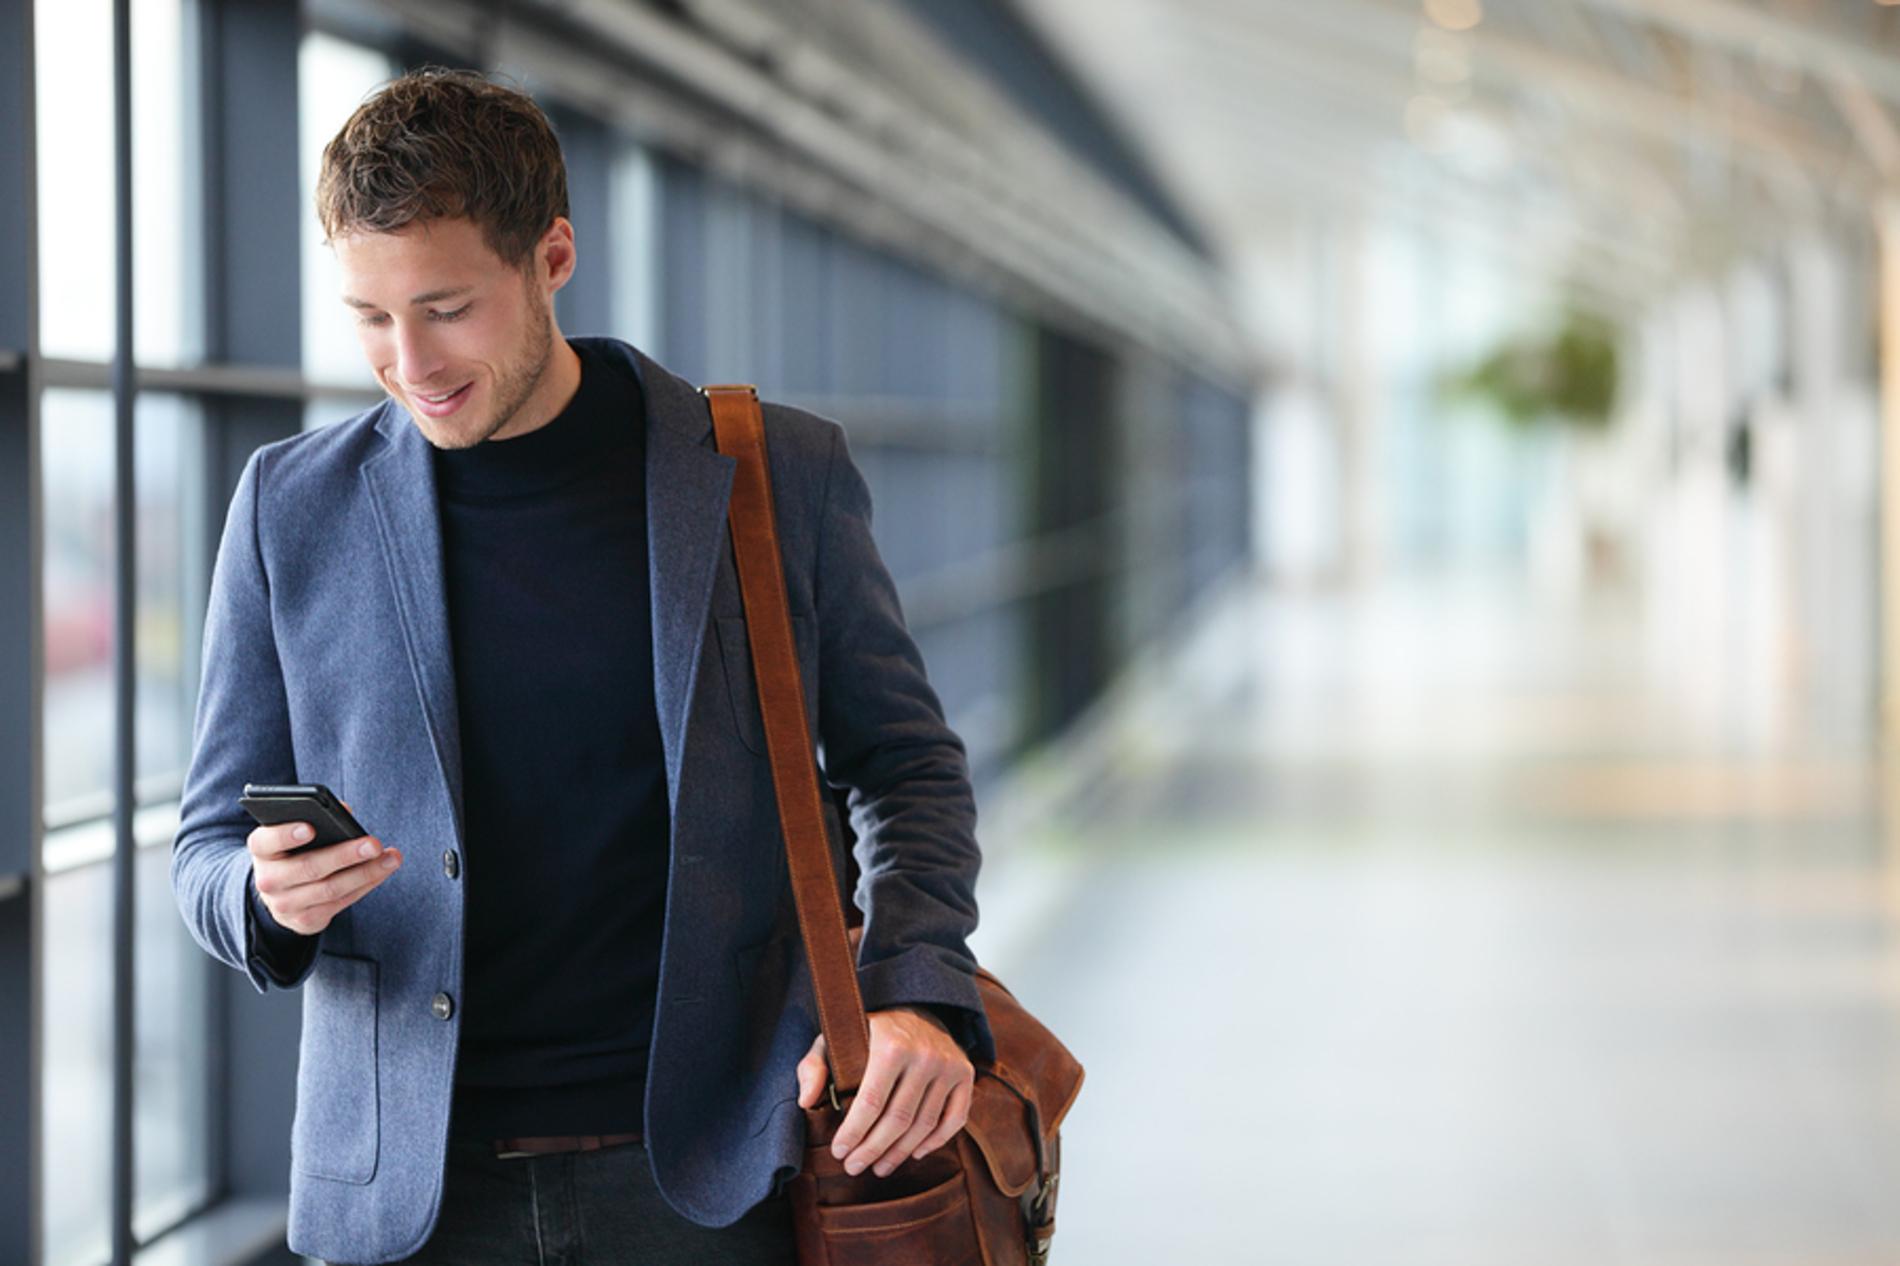 Man walking a hallway looking at his phone.